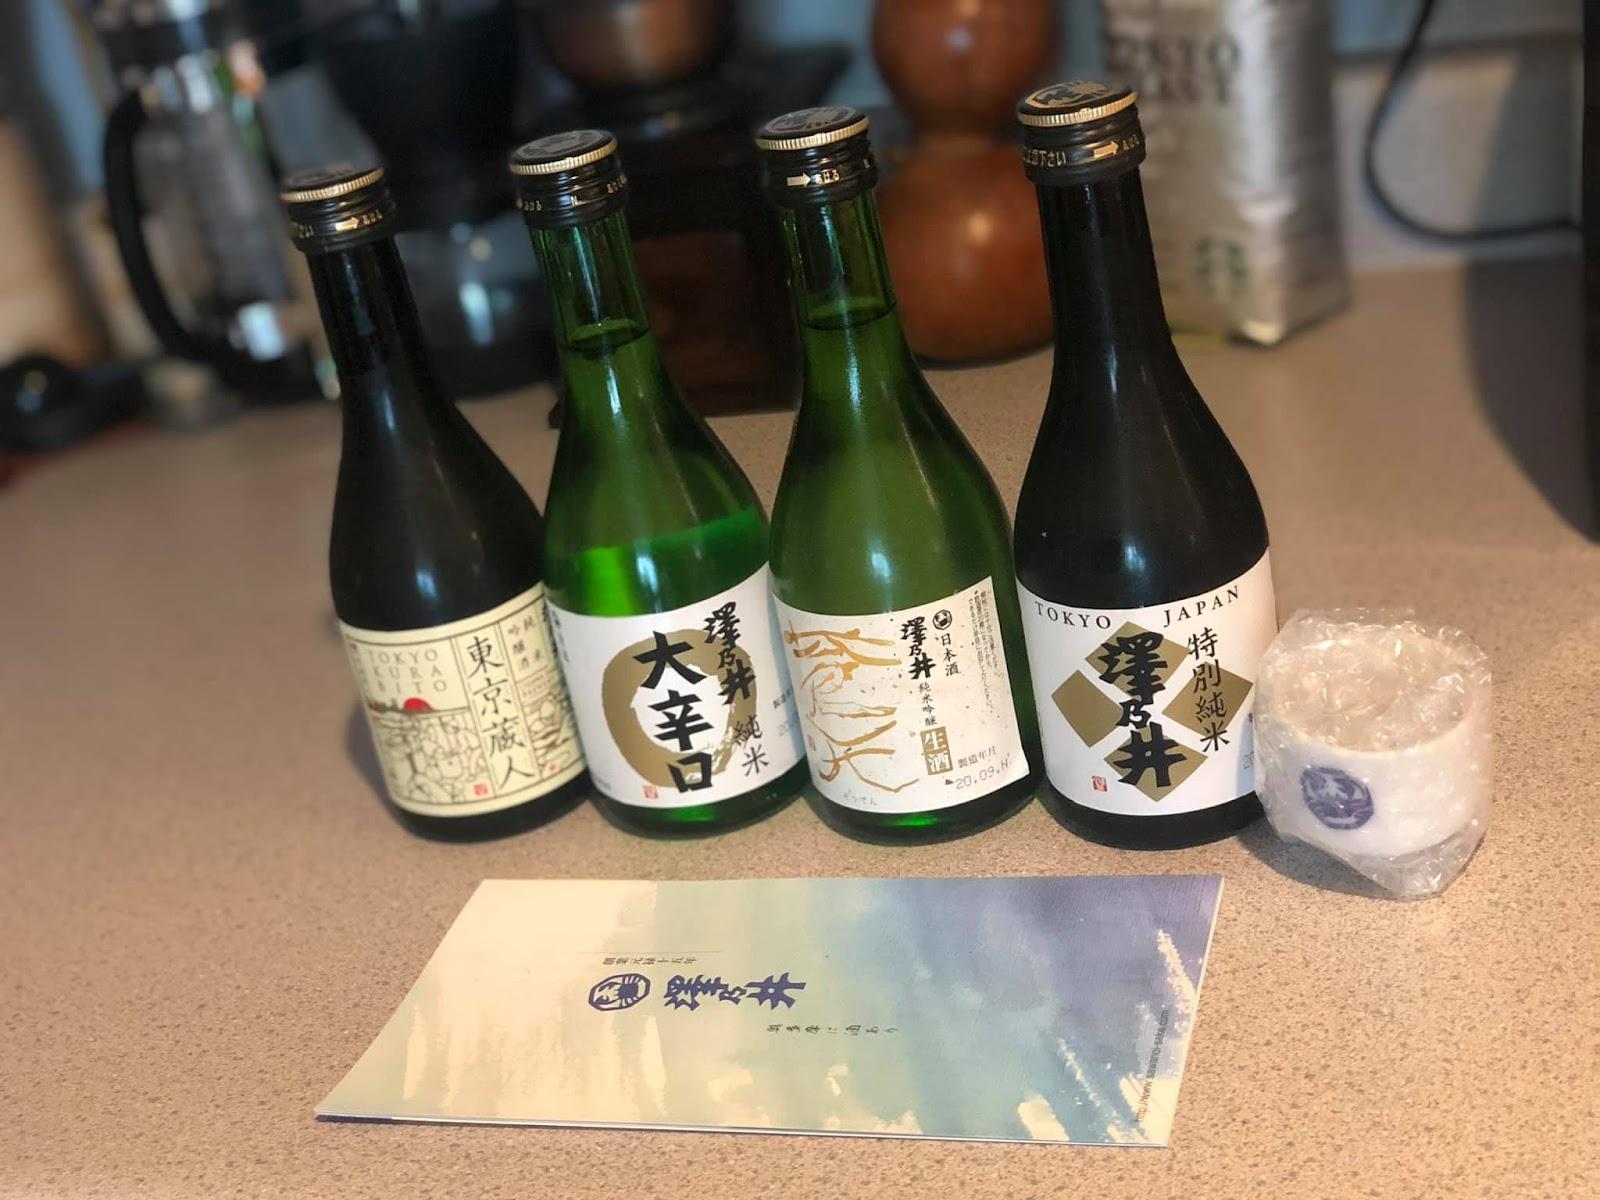 Sawanoi, Ozawa sake brewery - online sake tasting set